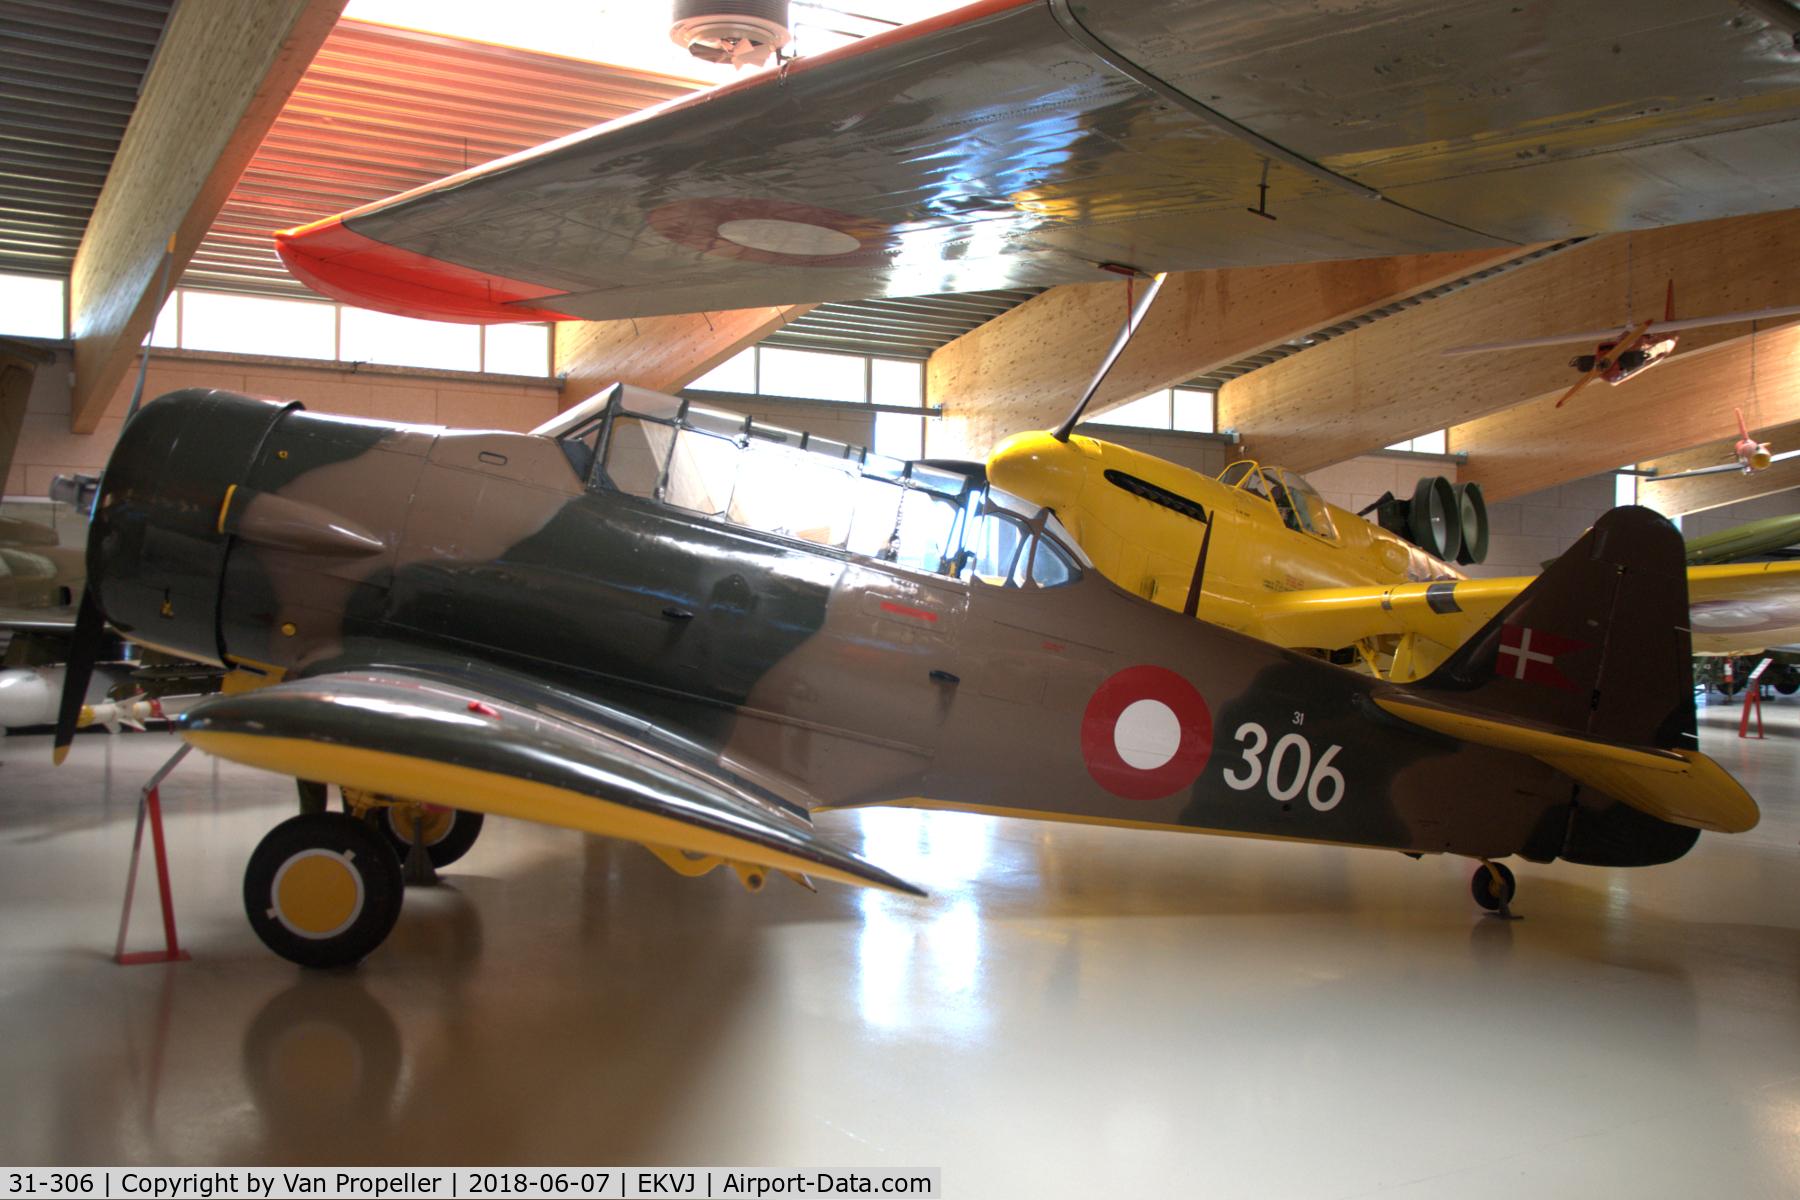 Aircraft 31-306 (Noorduyn AT-16-ND Harvard IIB C/N 14-748